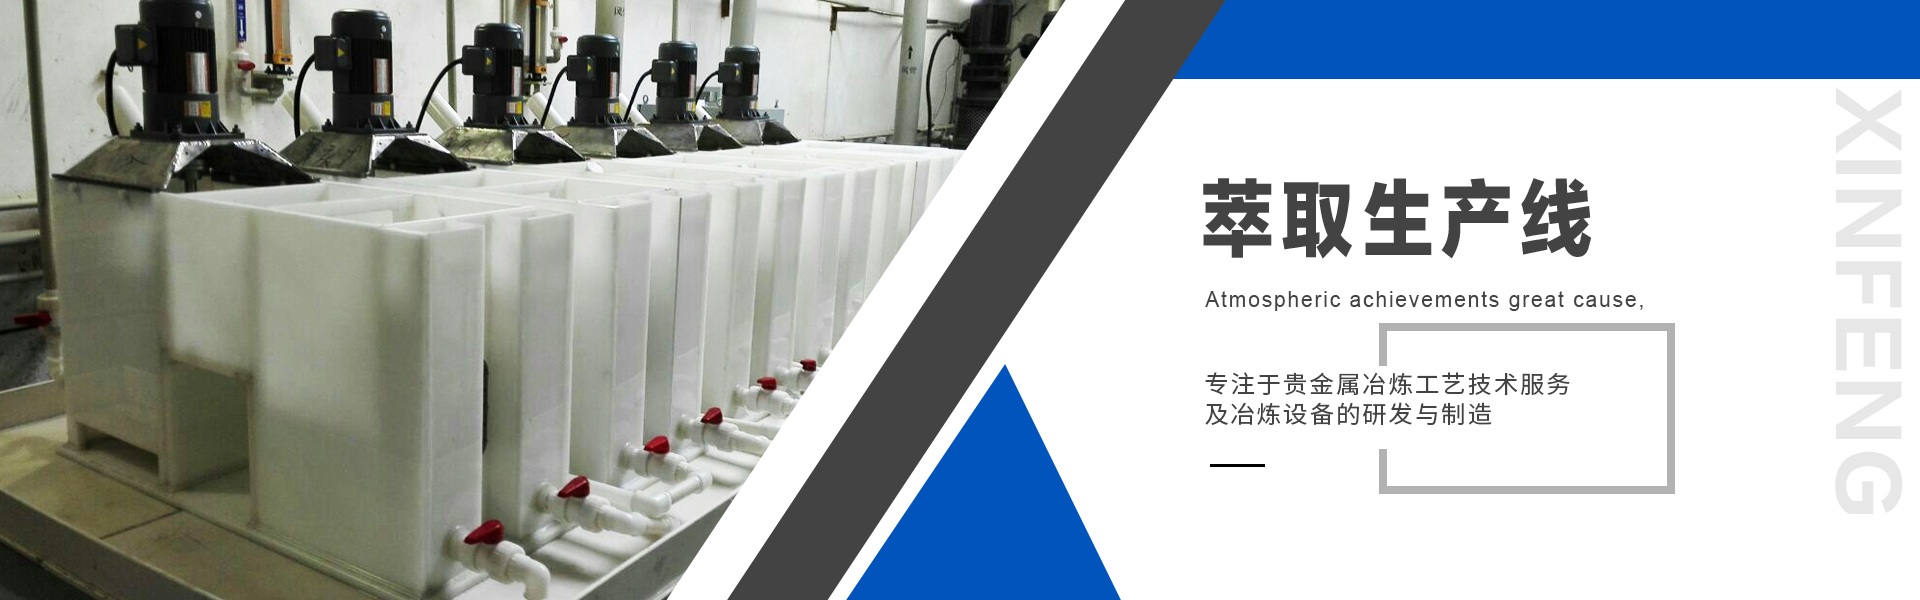 肇慶市鑫豐科技有限公司爭當行業領頭人!